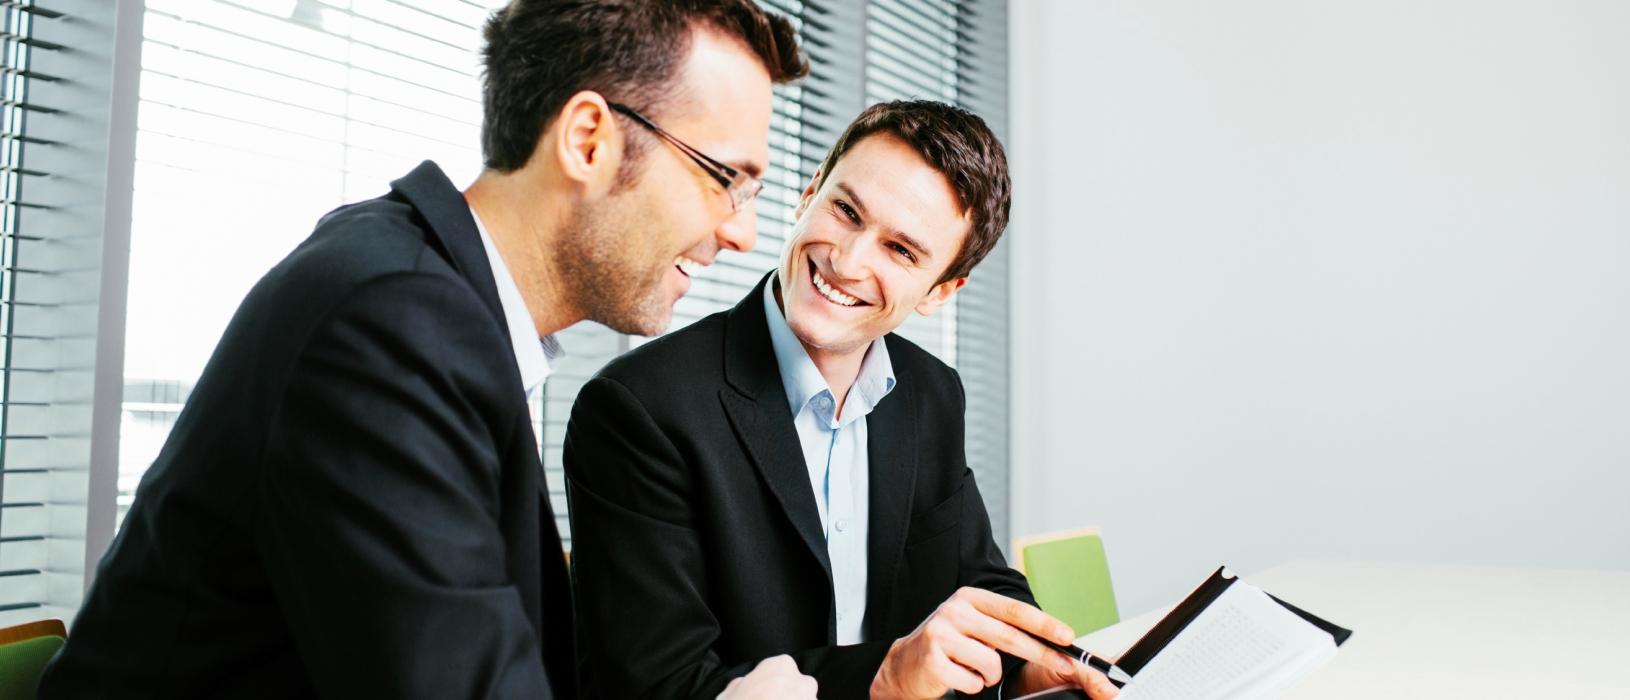 La consultoría te ayuda a que puedas tomar mejores decisiones